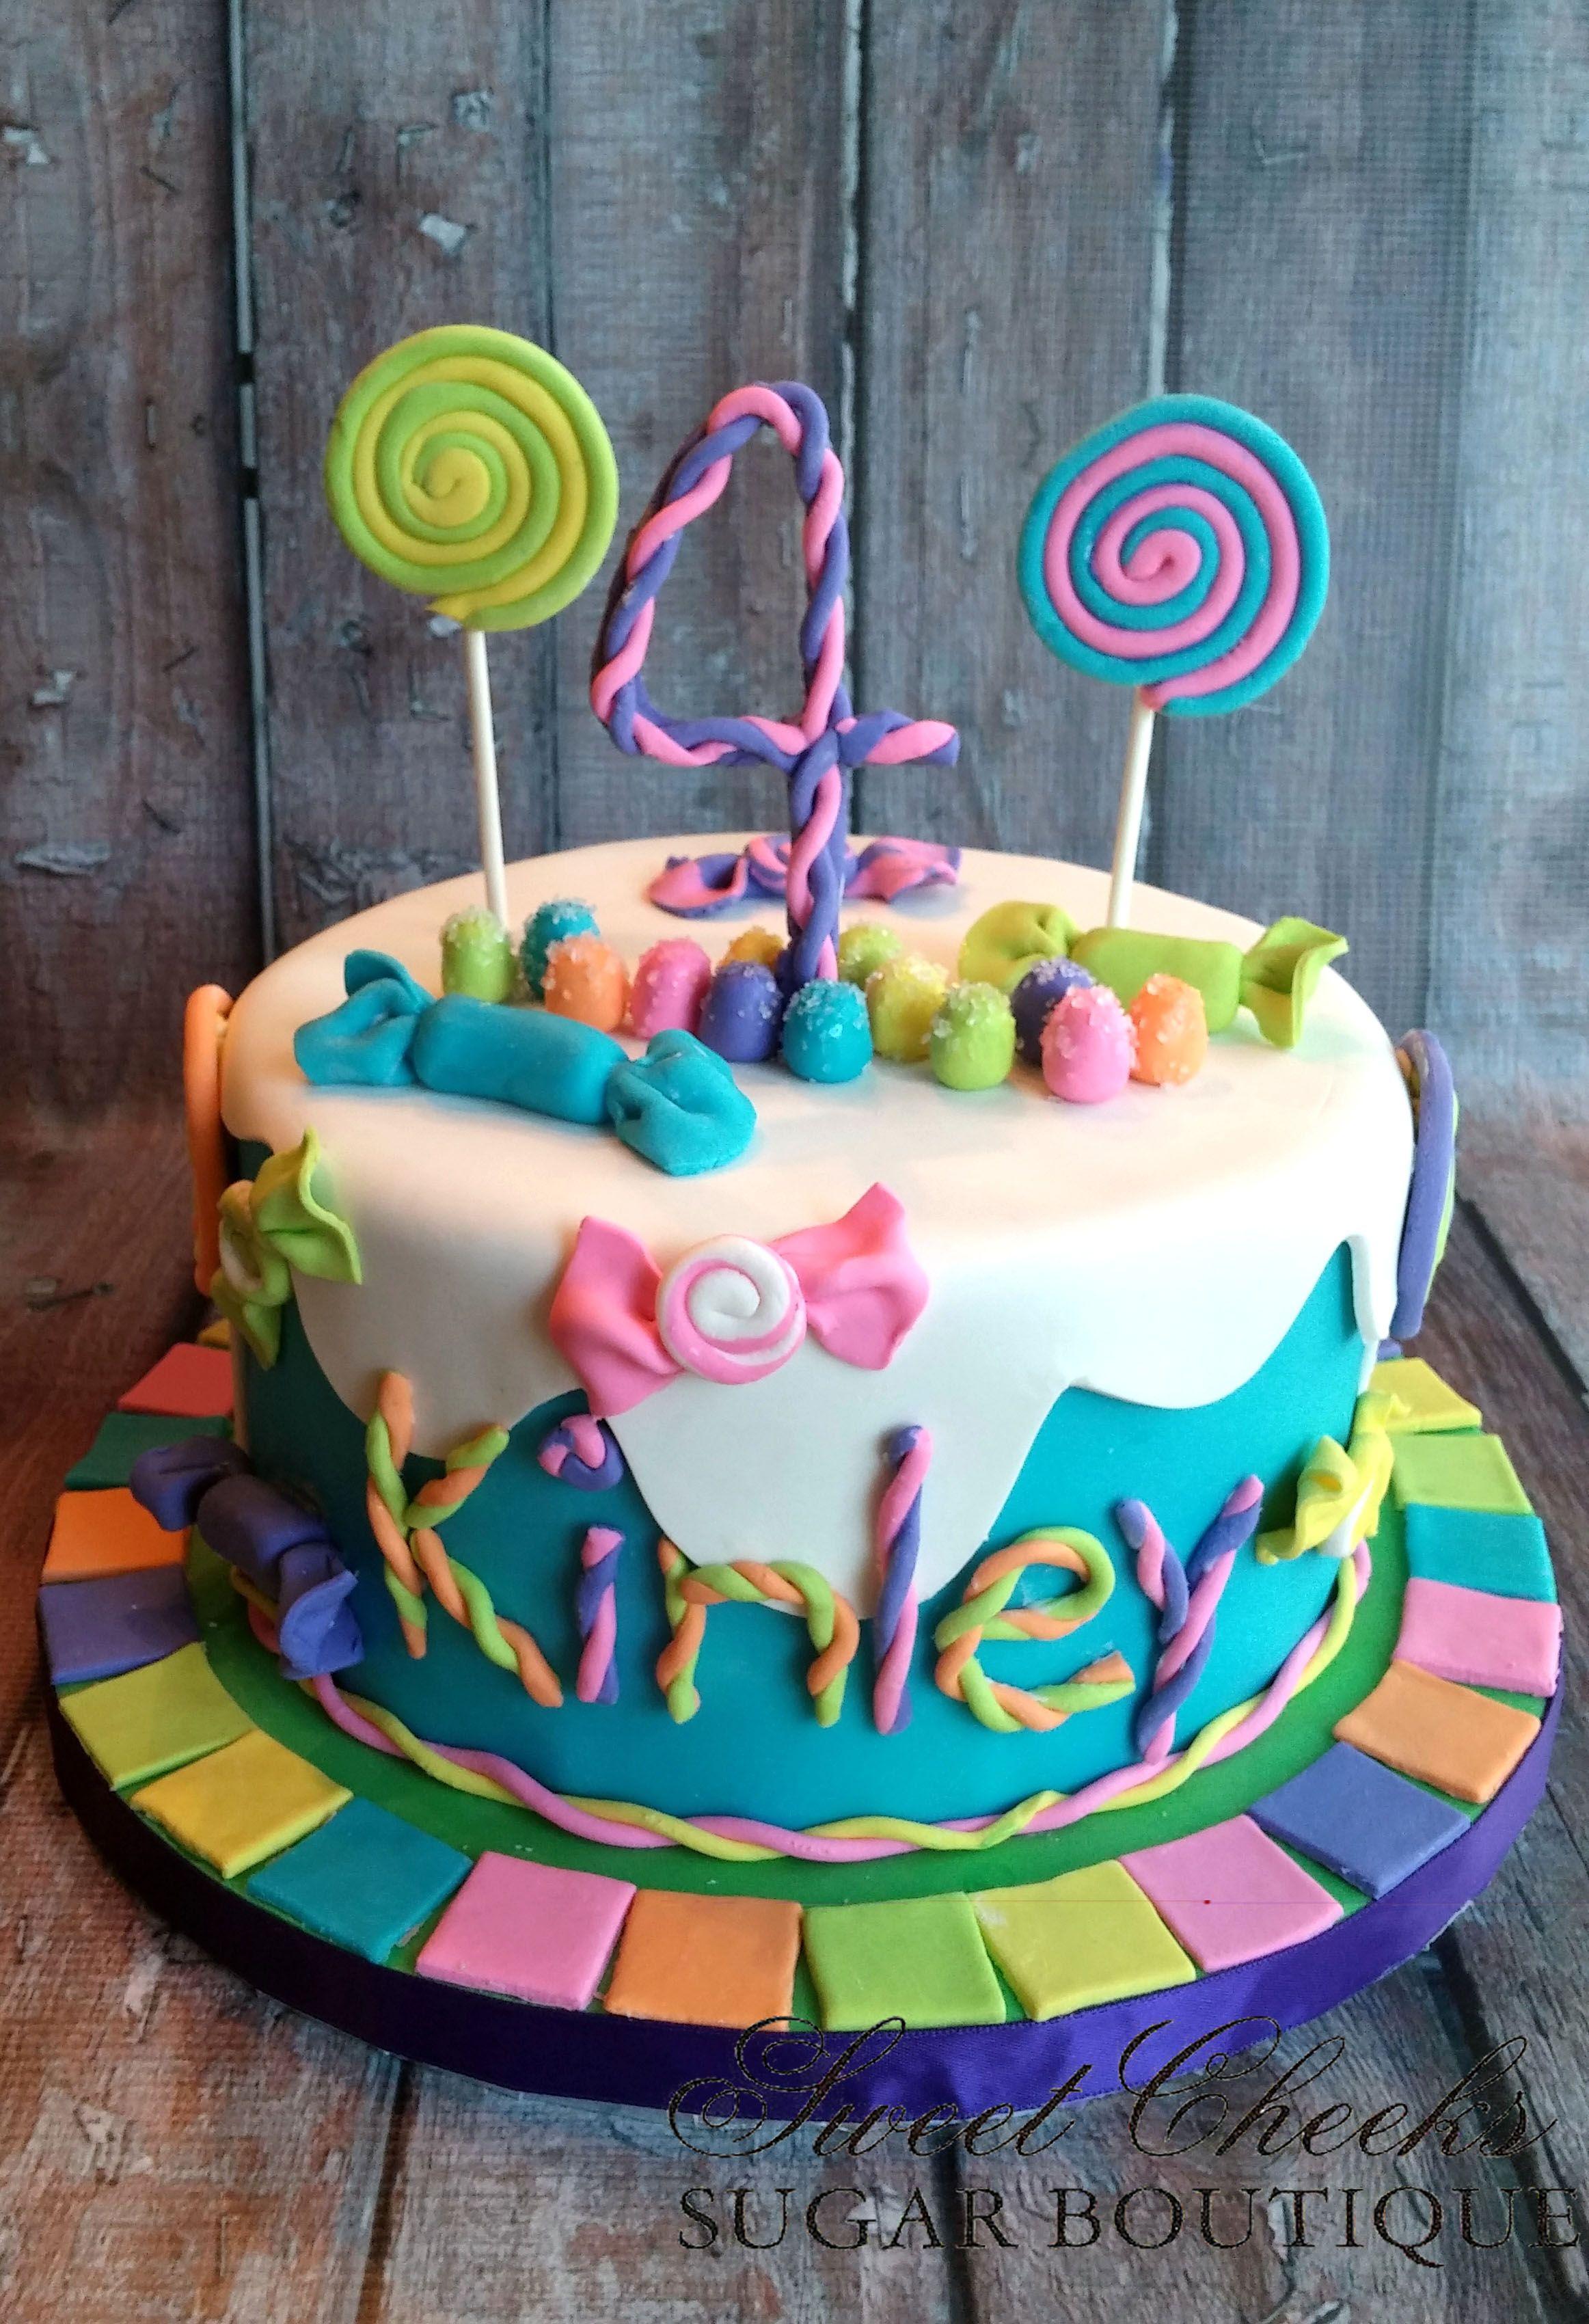 Joyous Cake Company: Jungle theme cake with sugar hand